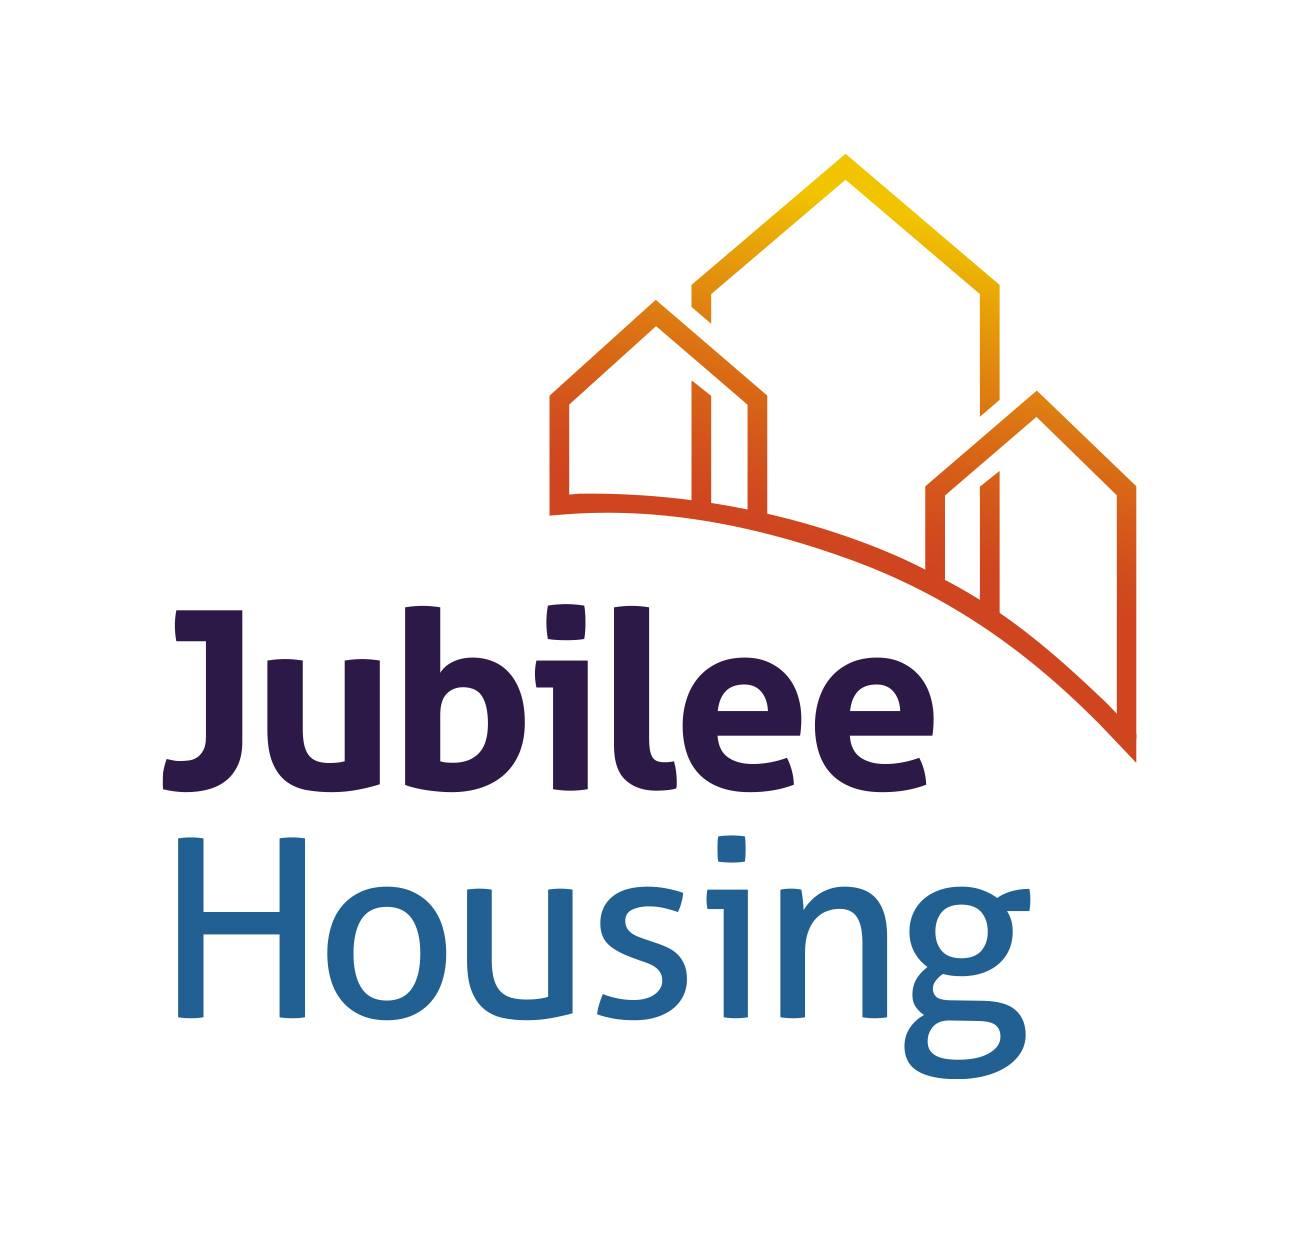 Jubilee Housing, Inc.